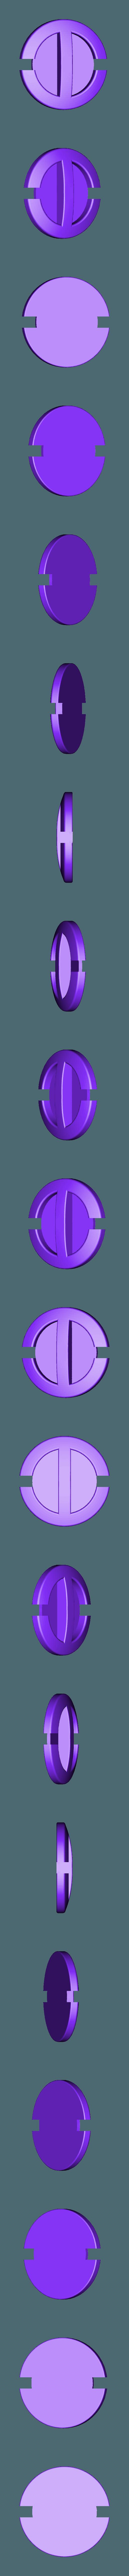 buckle_red.stl Télécharger fichier SCAD gratuit Boucle de la ceinture de la piscine morte Pièces de couleur séparée • Modèle pour imprimante 3D, dantu